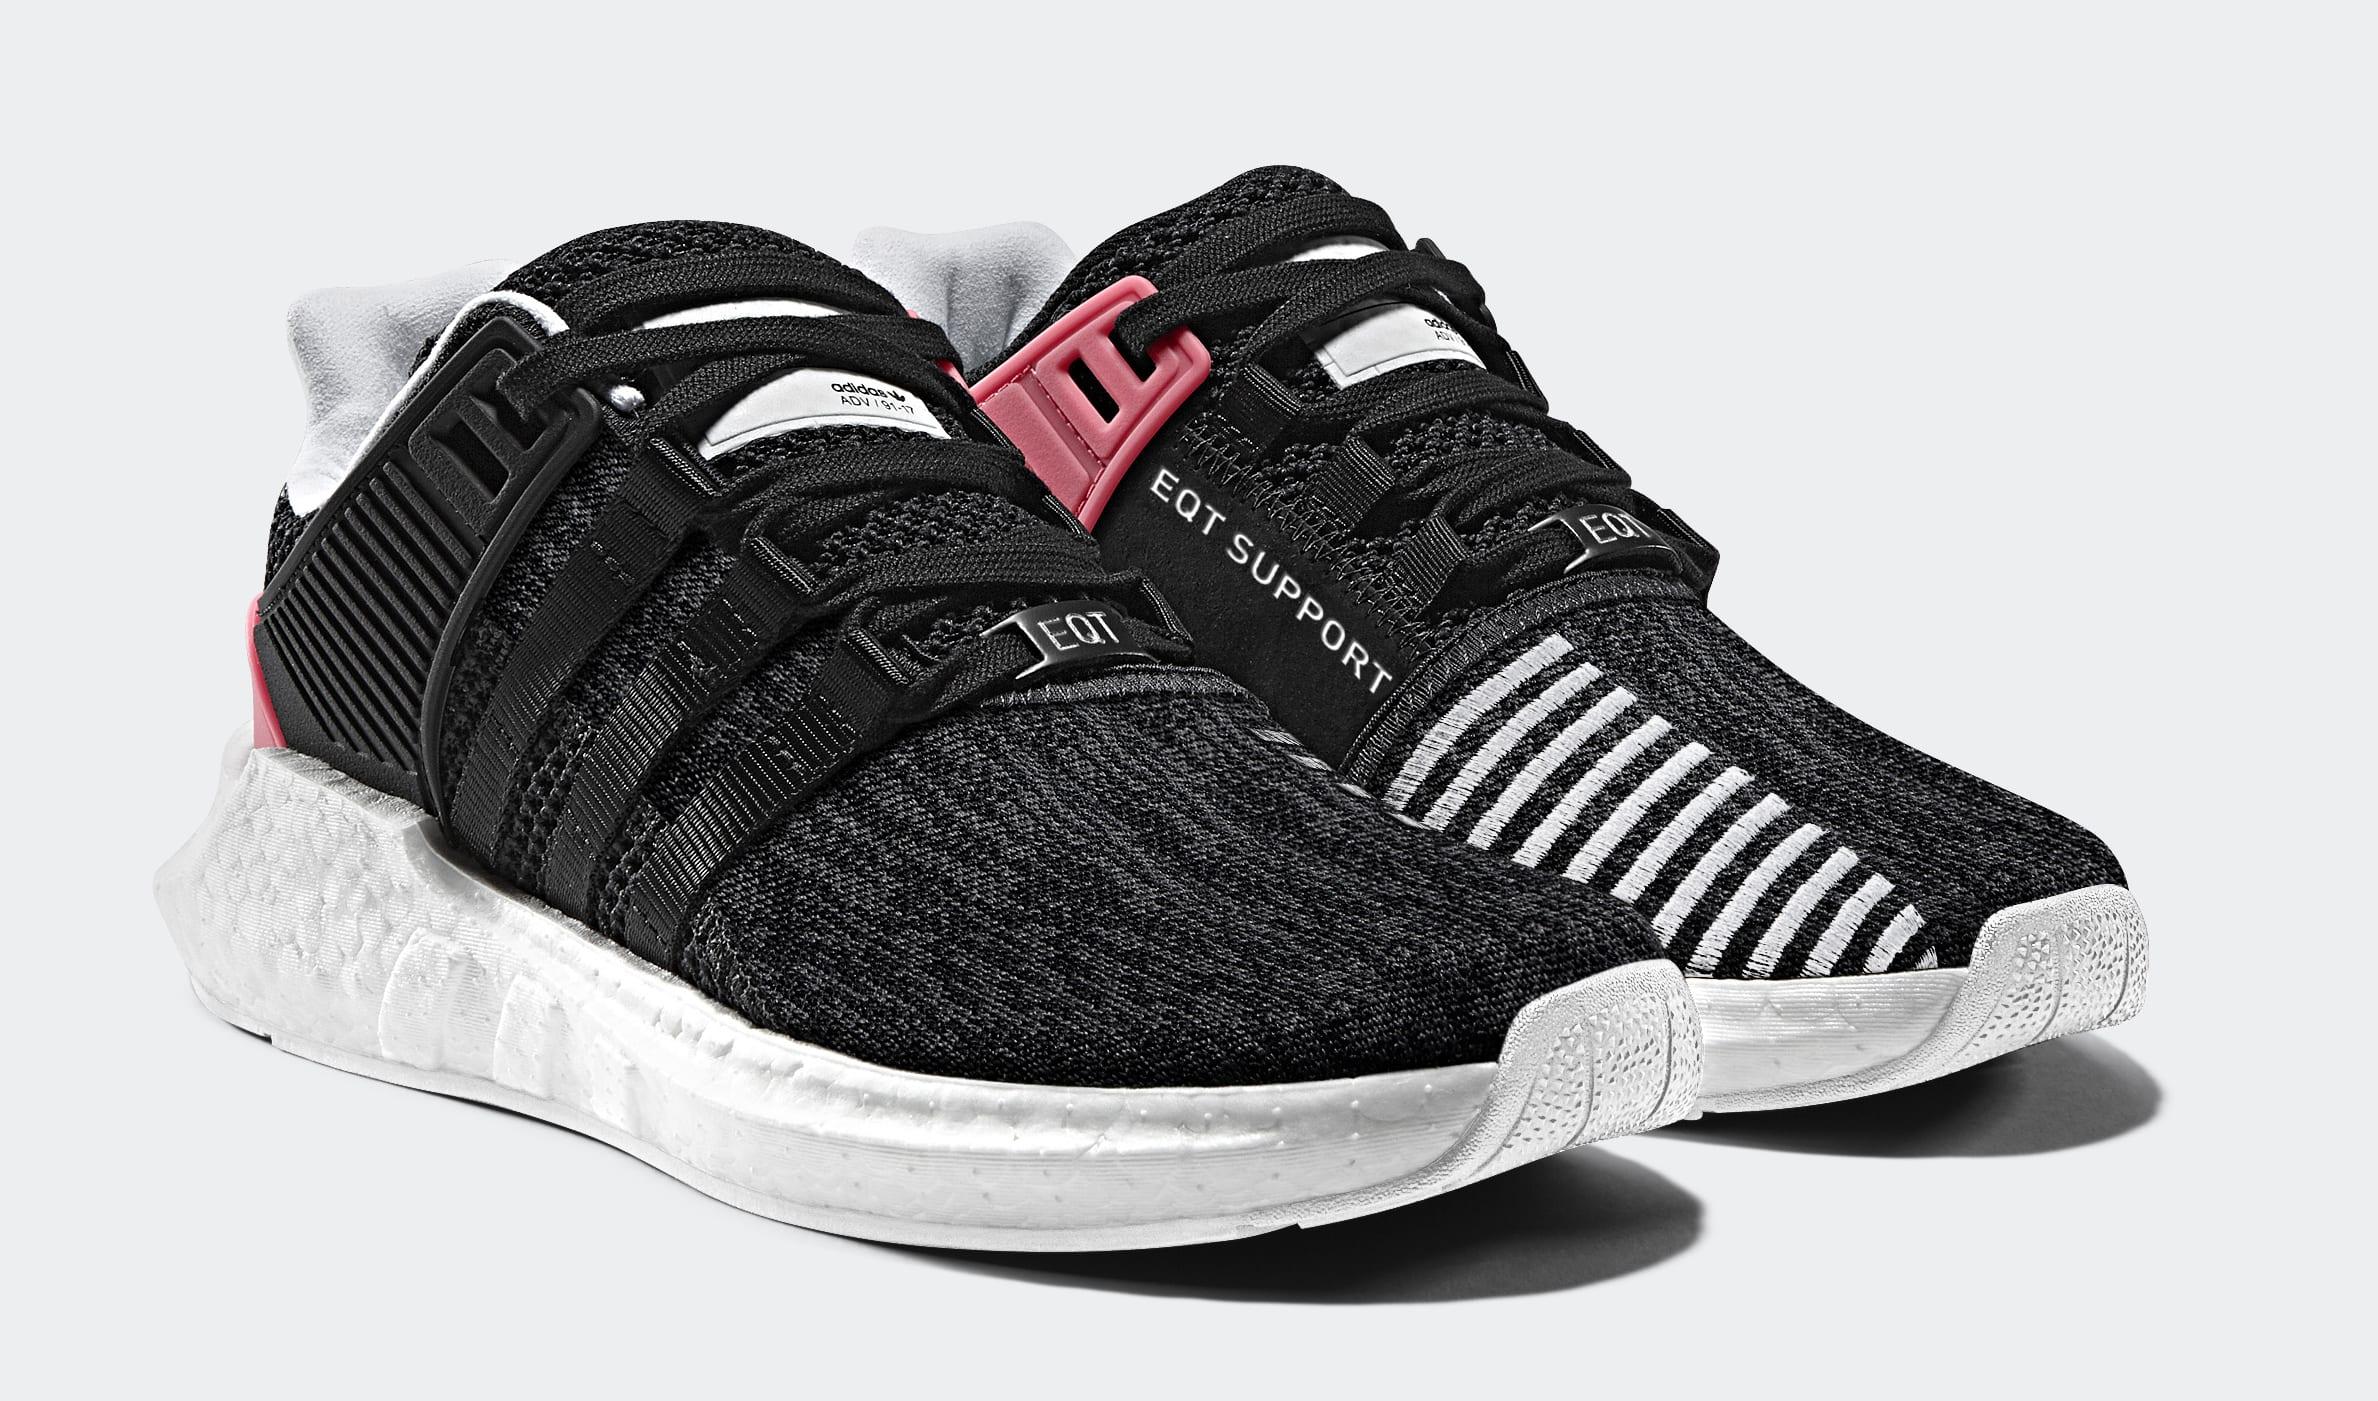 Adidas EQT 93-17